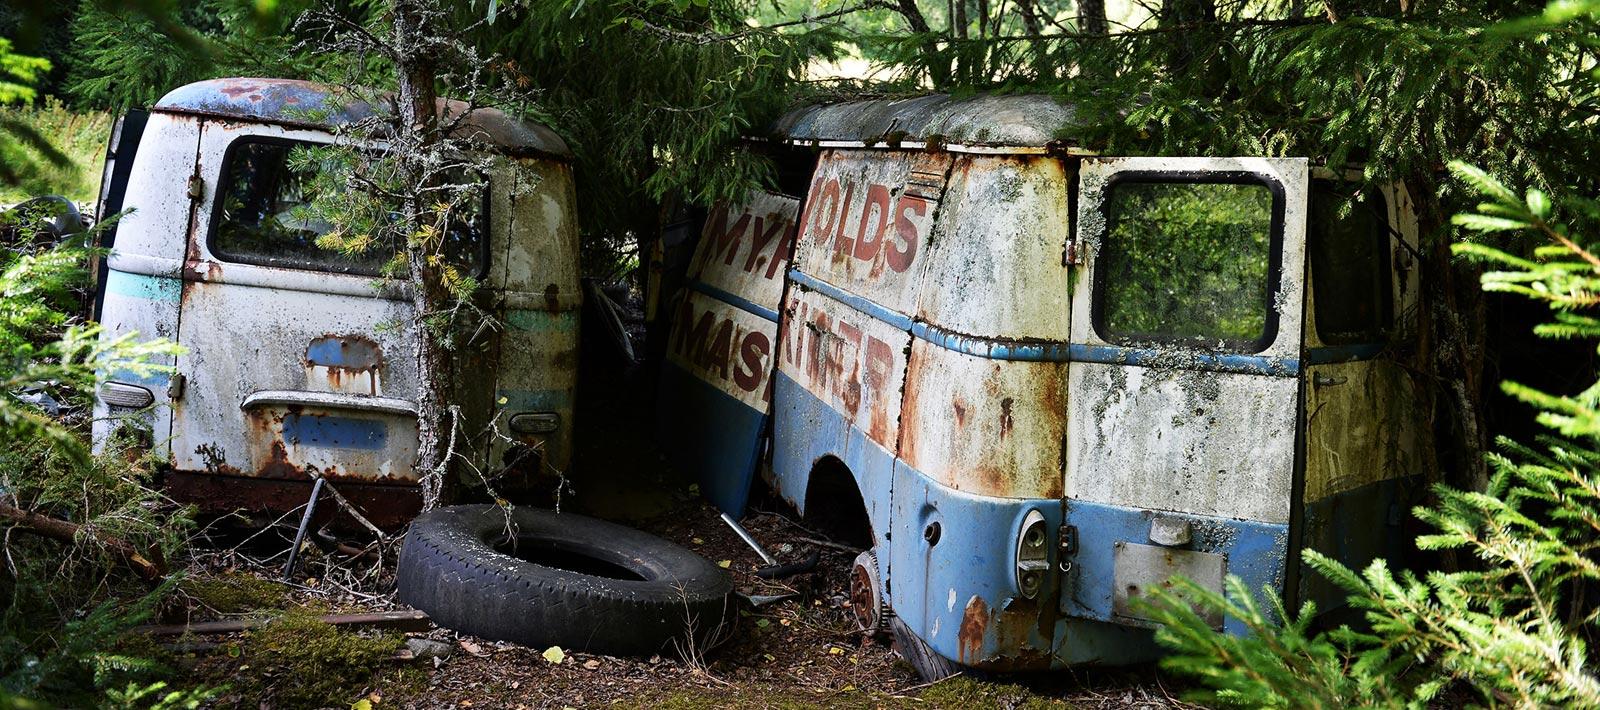 Enomis Fotografi - Rostig bil 2 - Toppbild